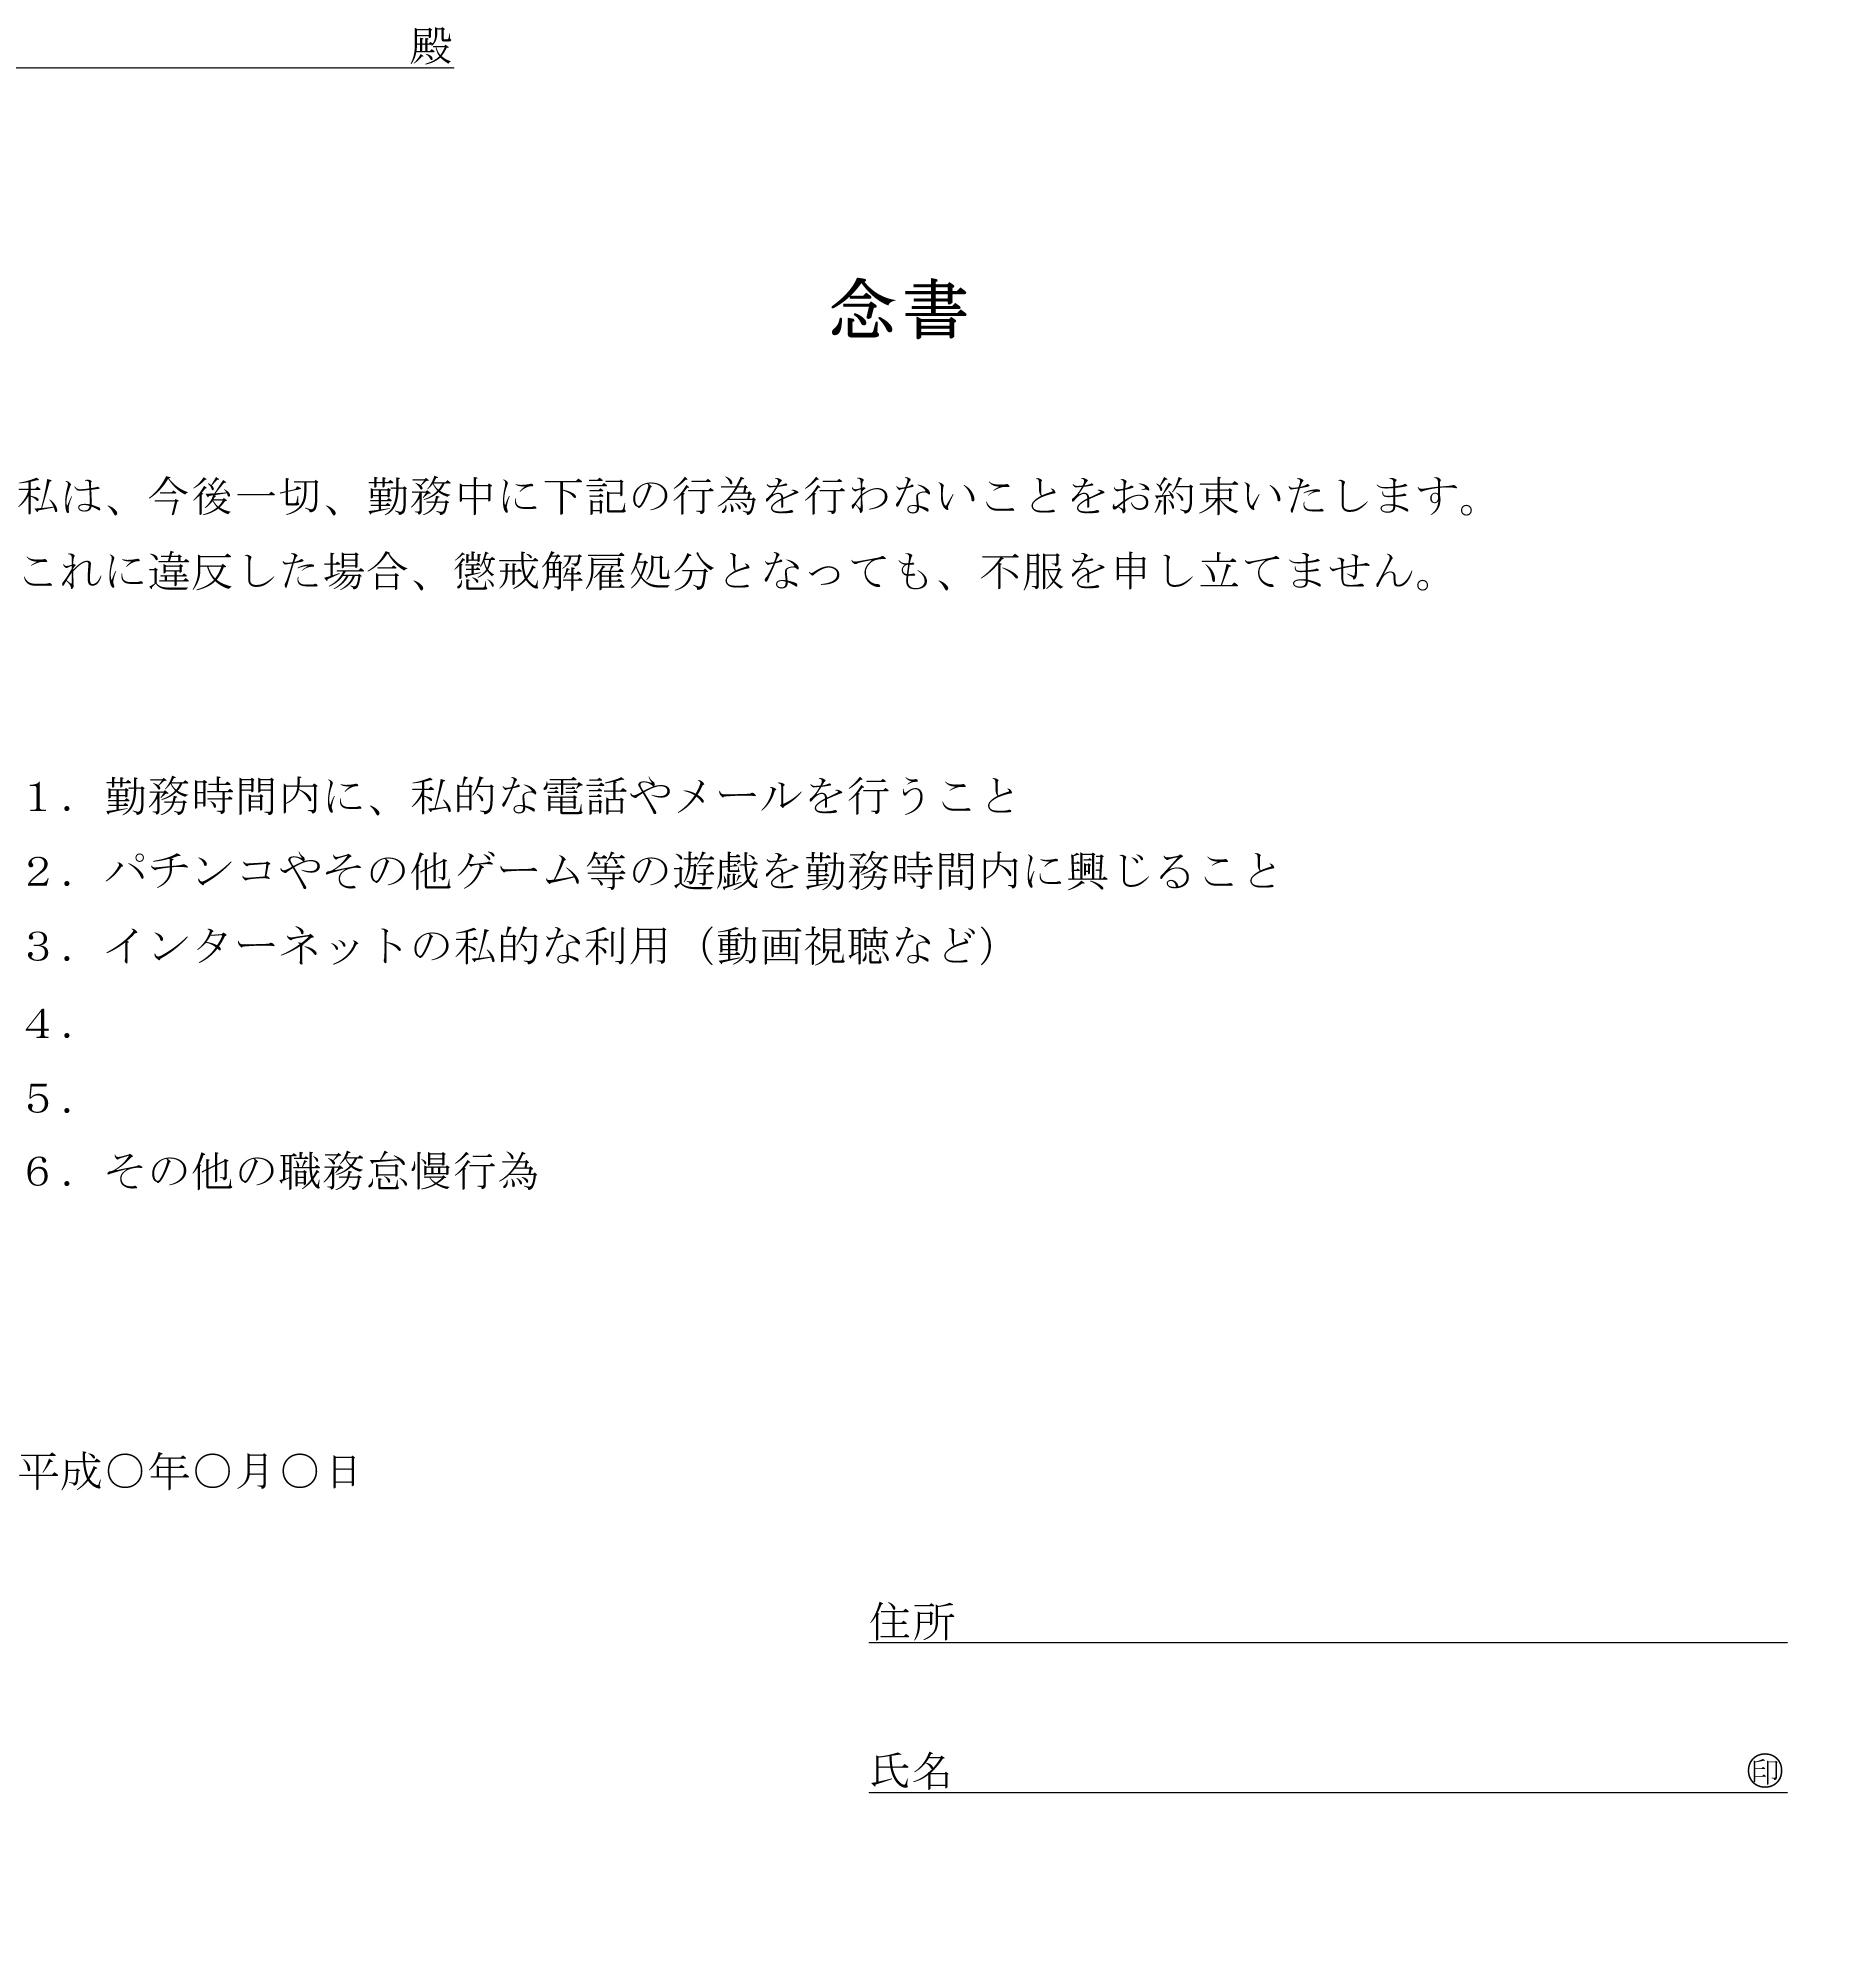 念書(職務怠慢しない)